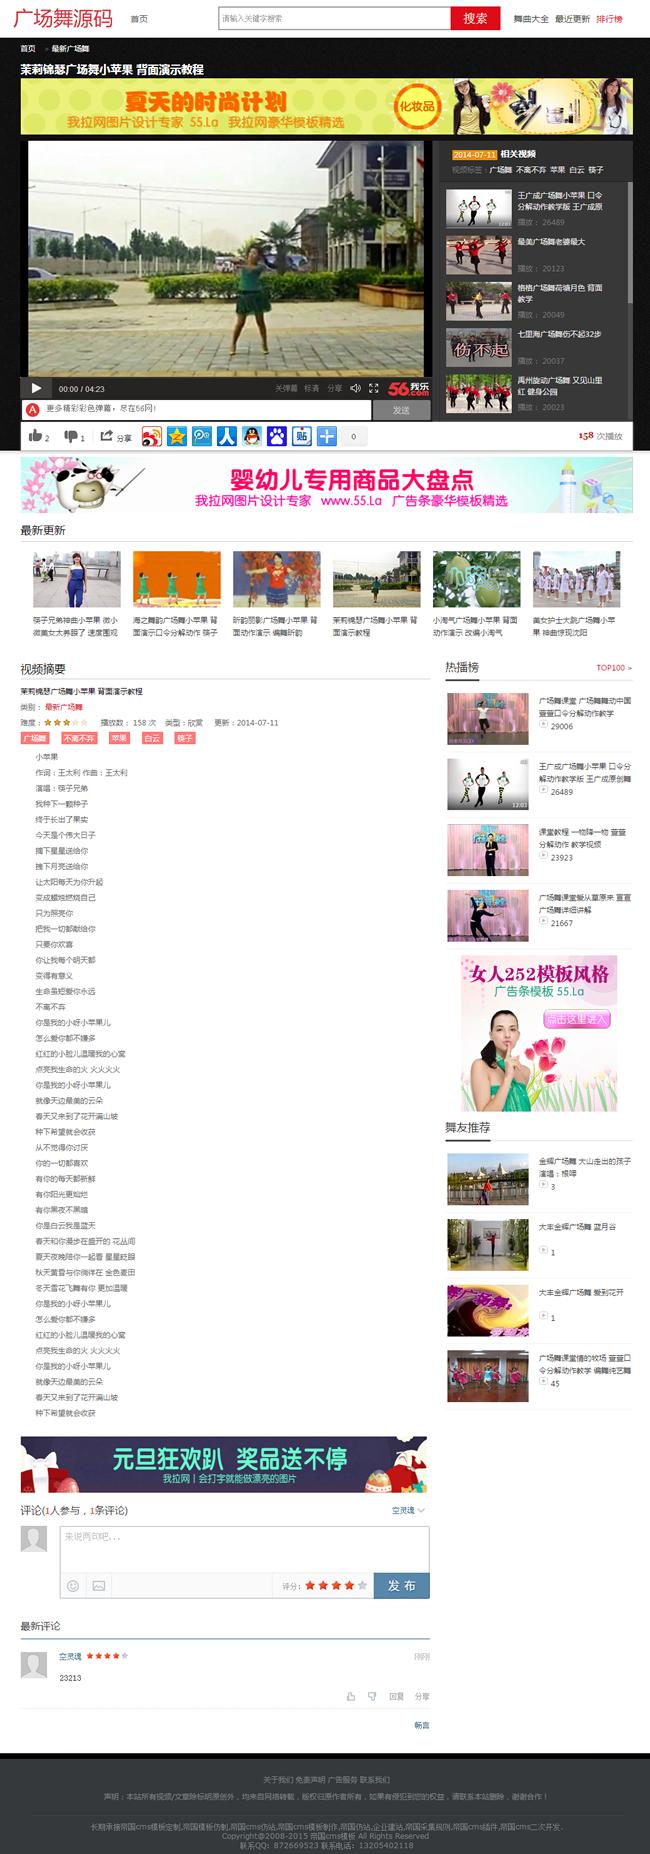 帝国cms模板之广场舞视频网站源码程序_视频内容